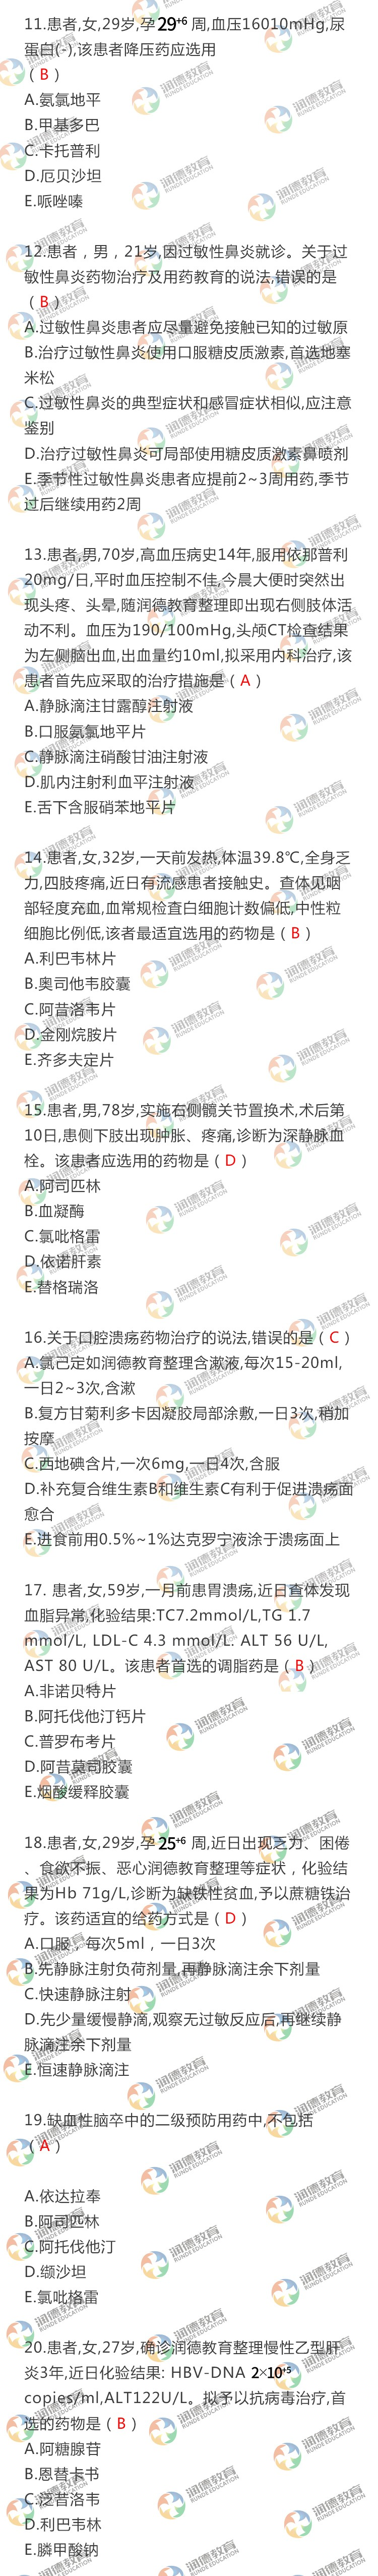 西药综合11-20.jpg